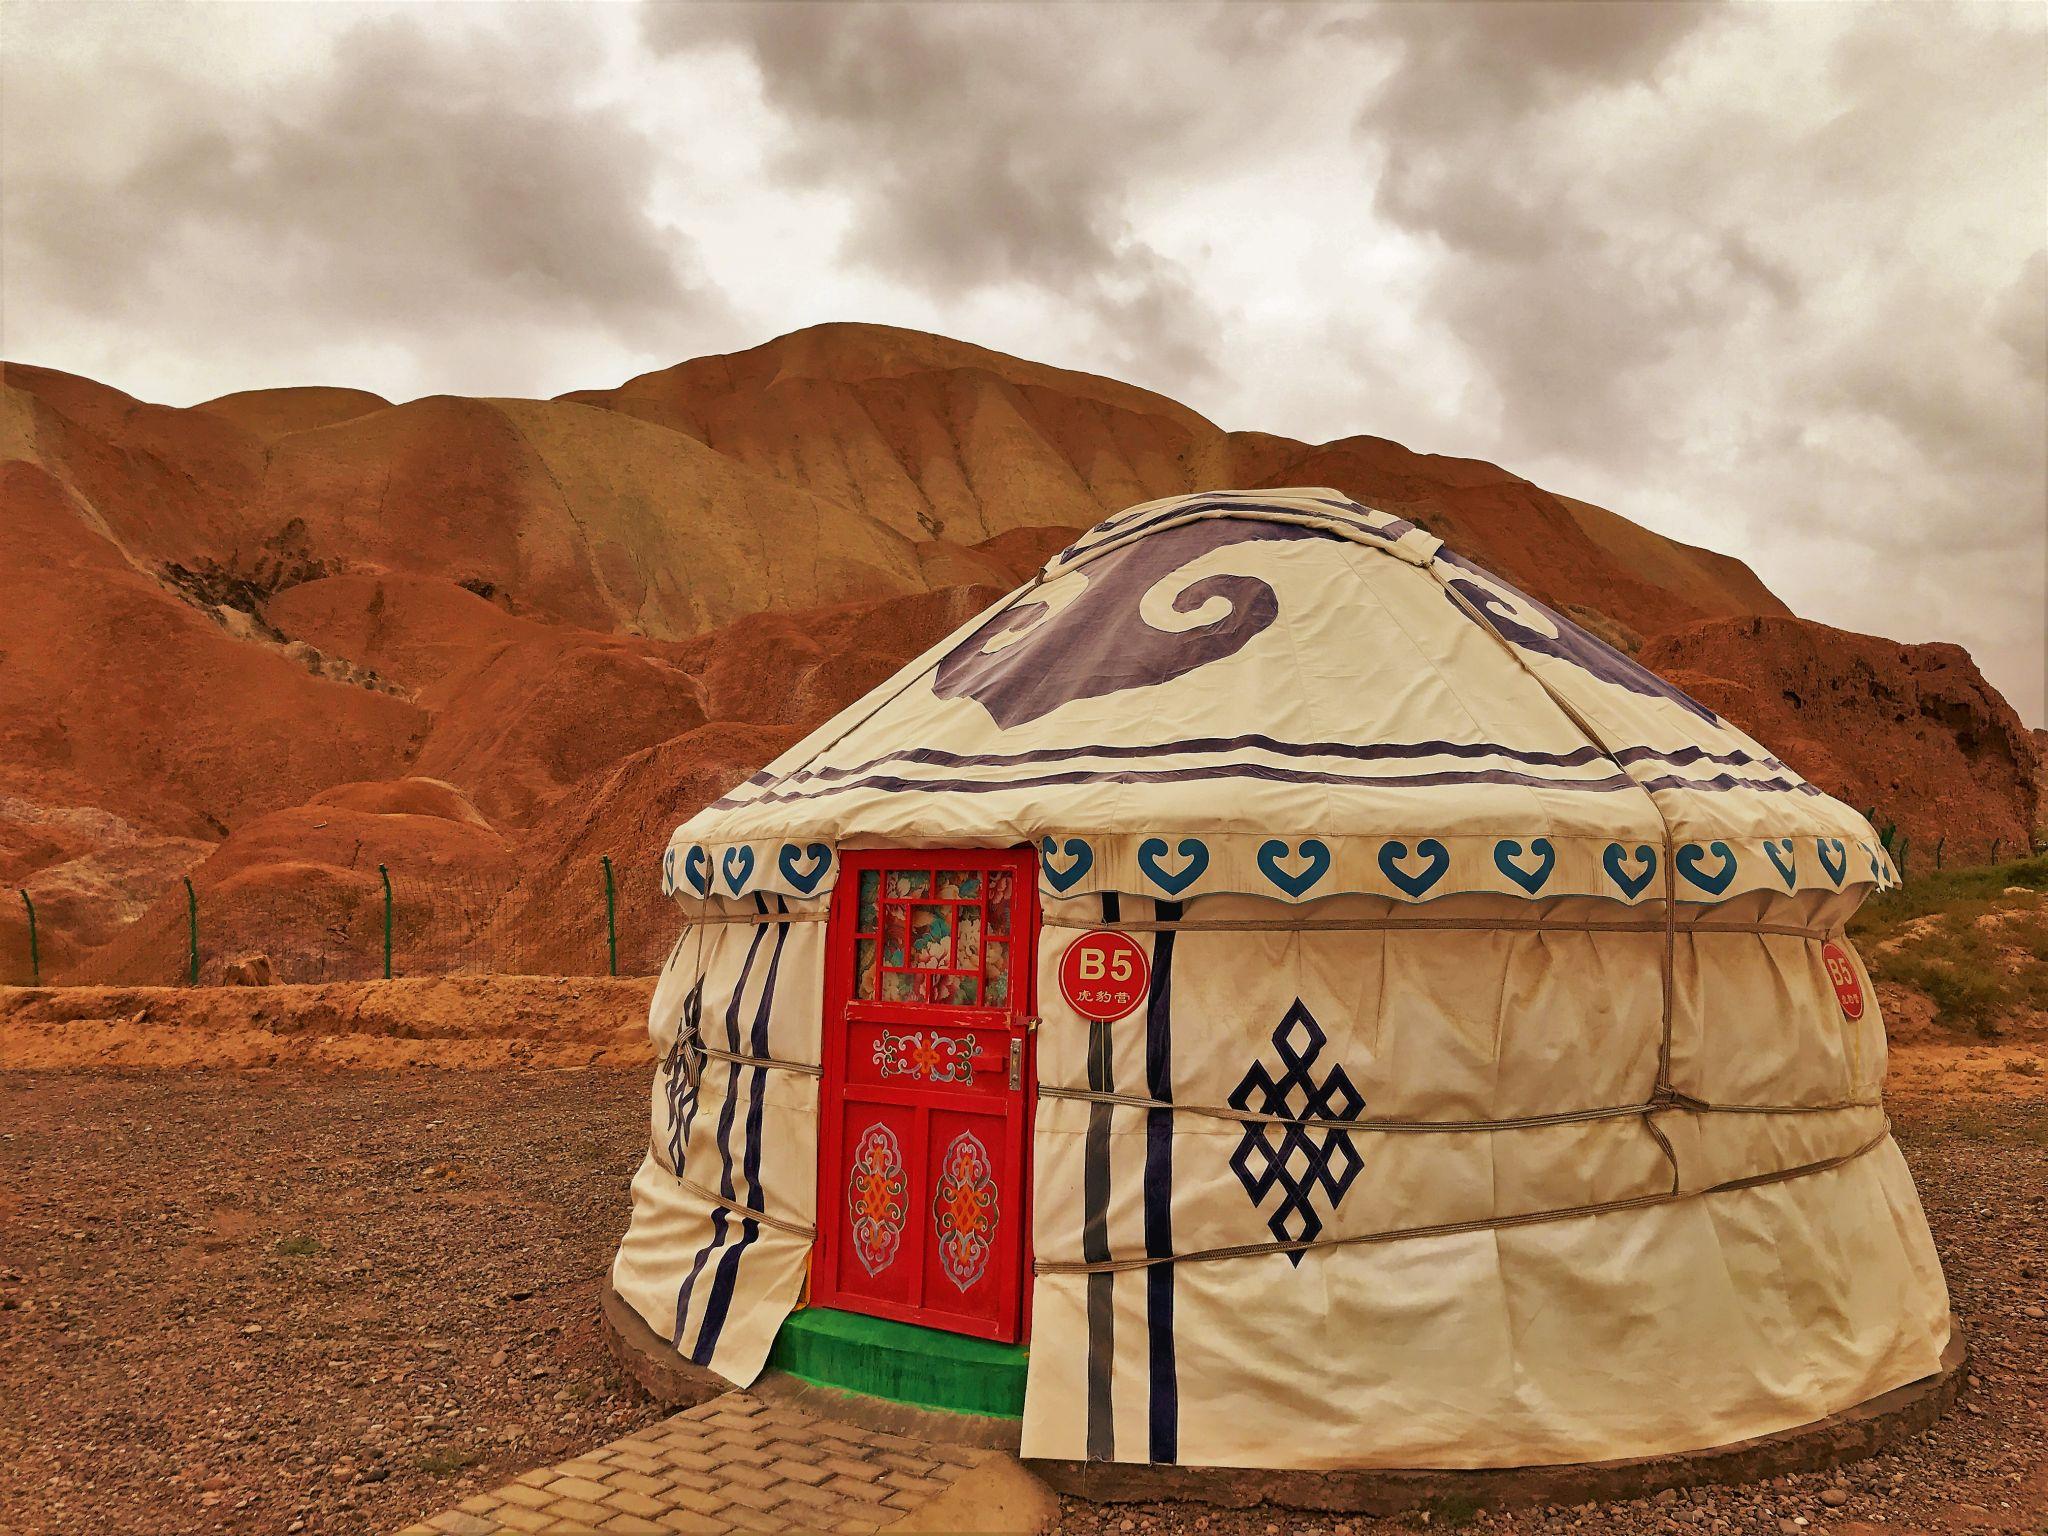 Zhangye Danxia Yurts